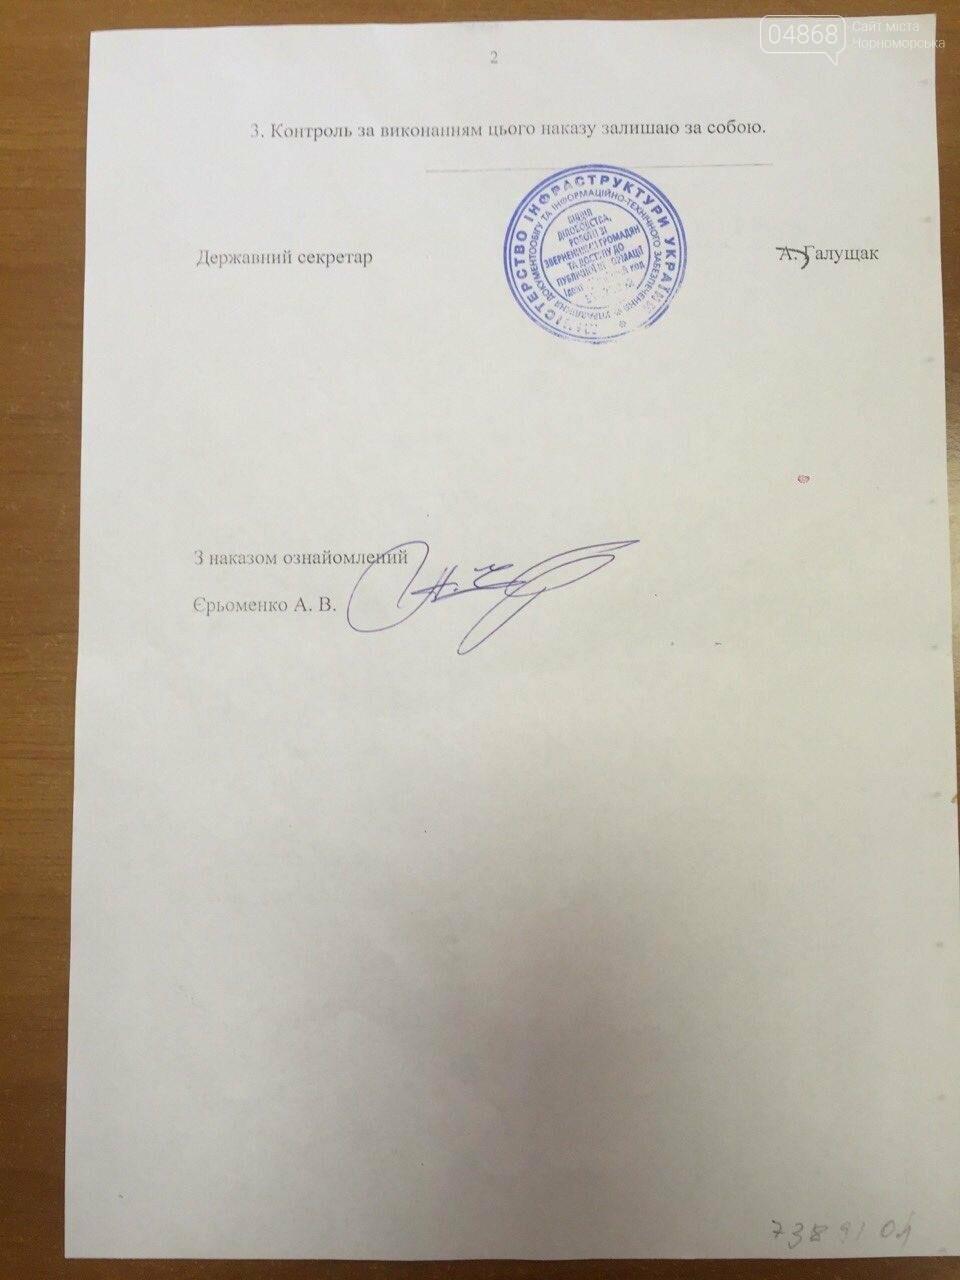 Дело Черноморского порта: бывший директор, подозреваемый НАБУ в воровстве, судится за возвращение на работу , фото-5